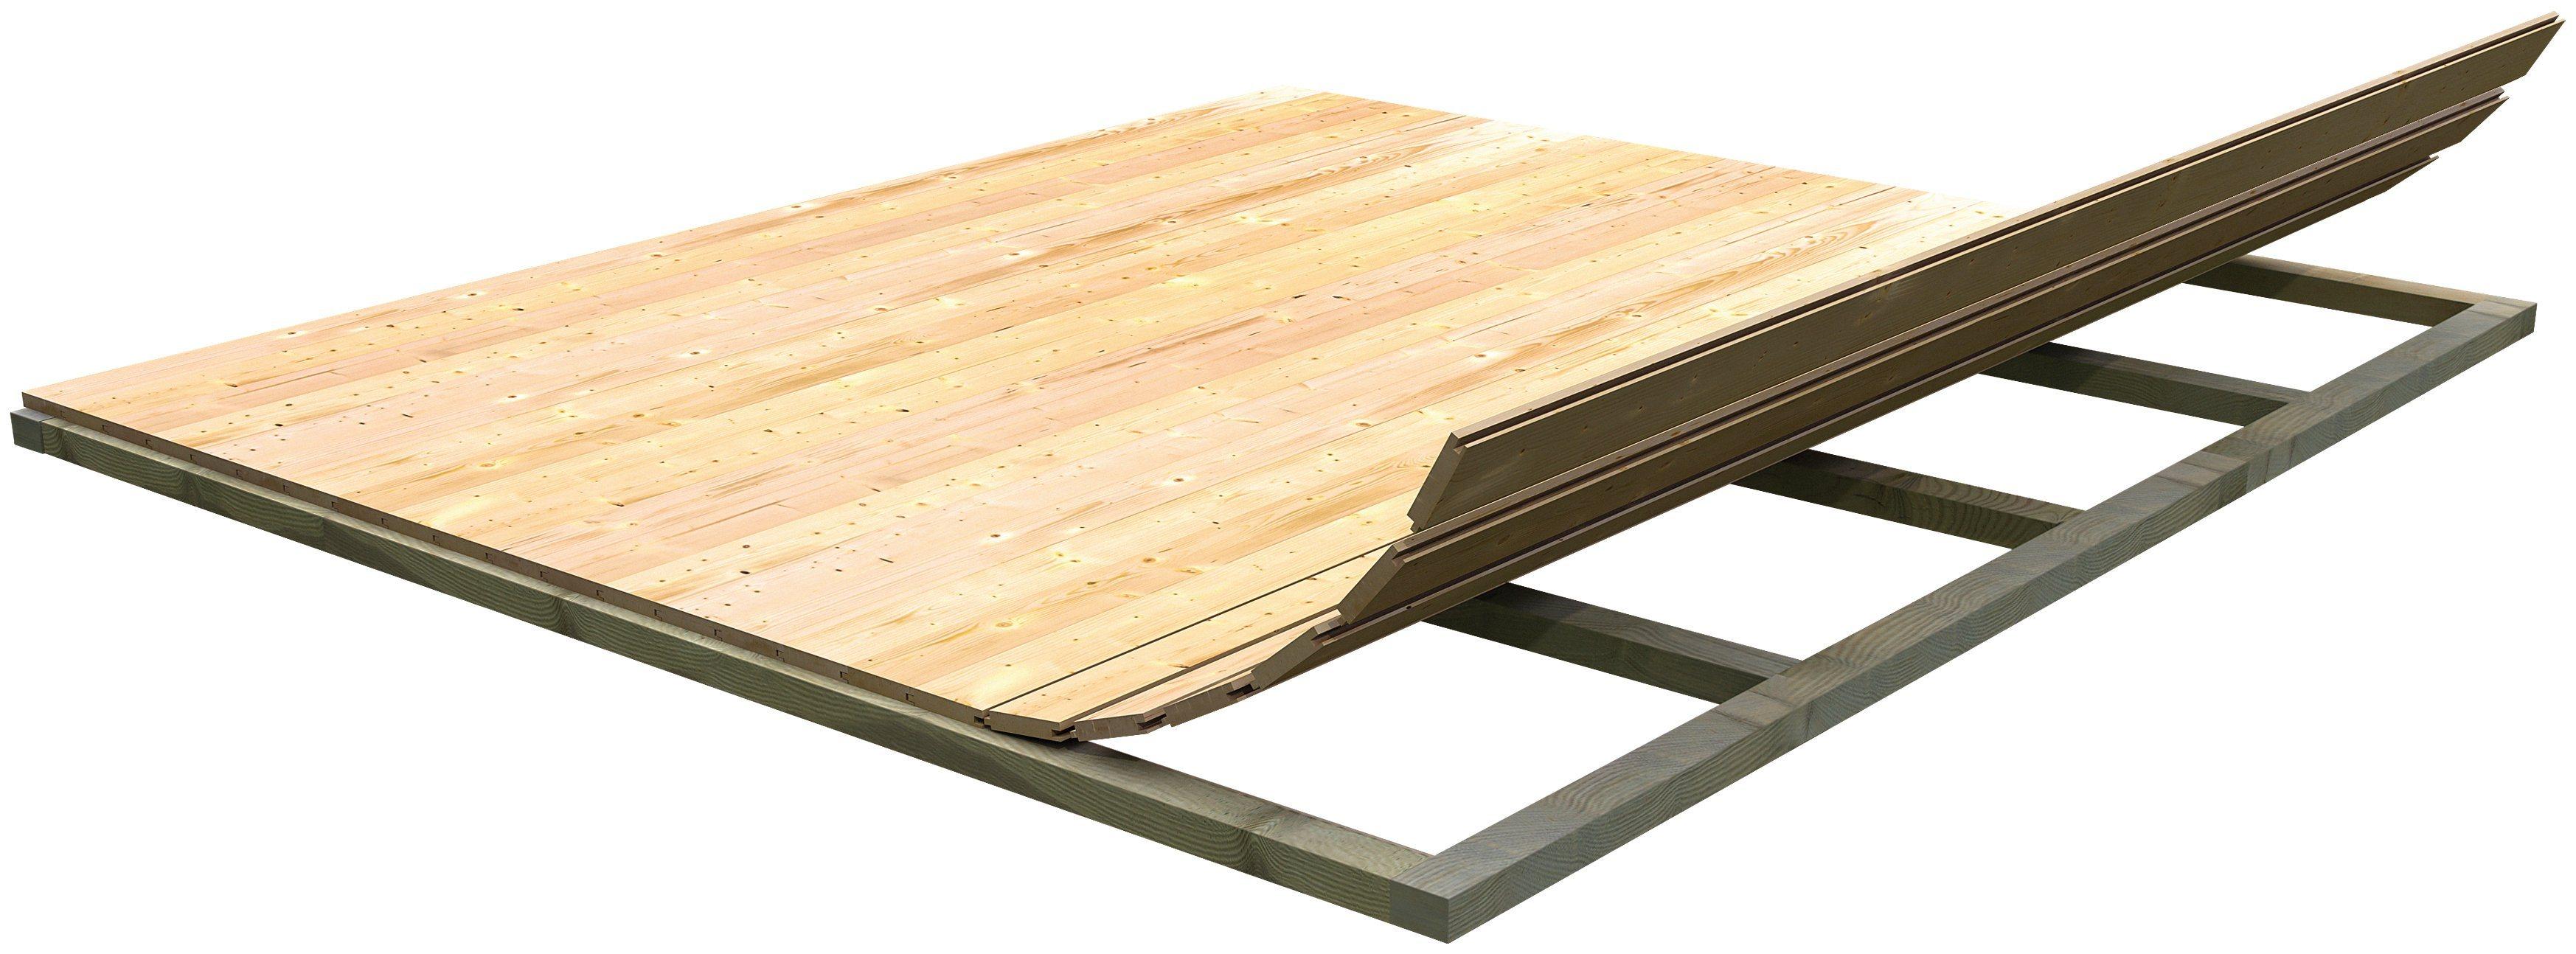 Fußboden für Hundezwinger »Leonberger 7«